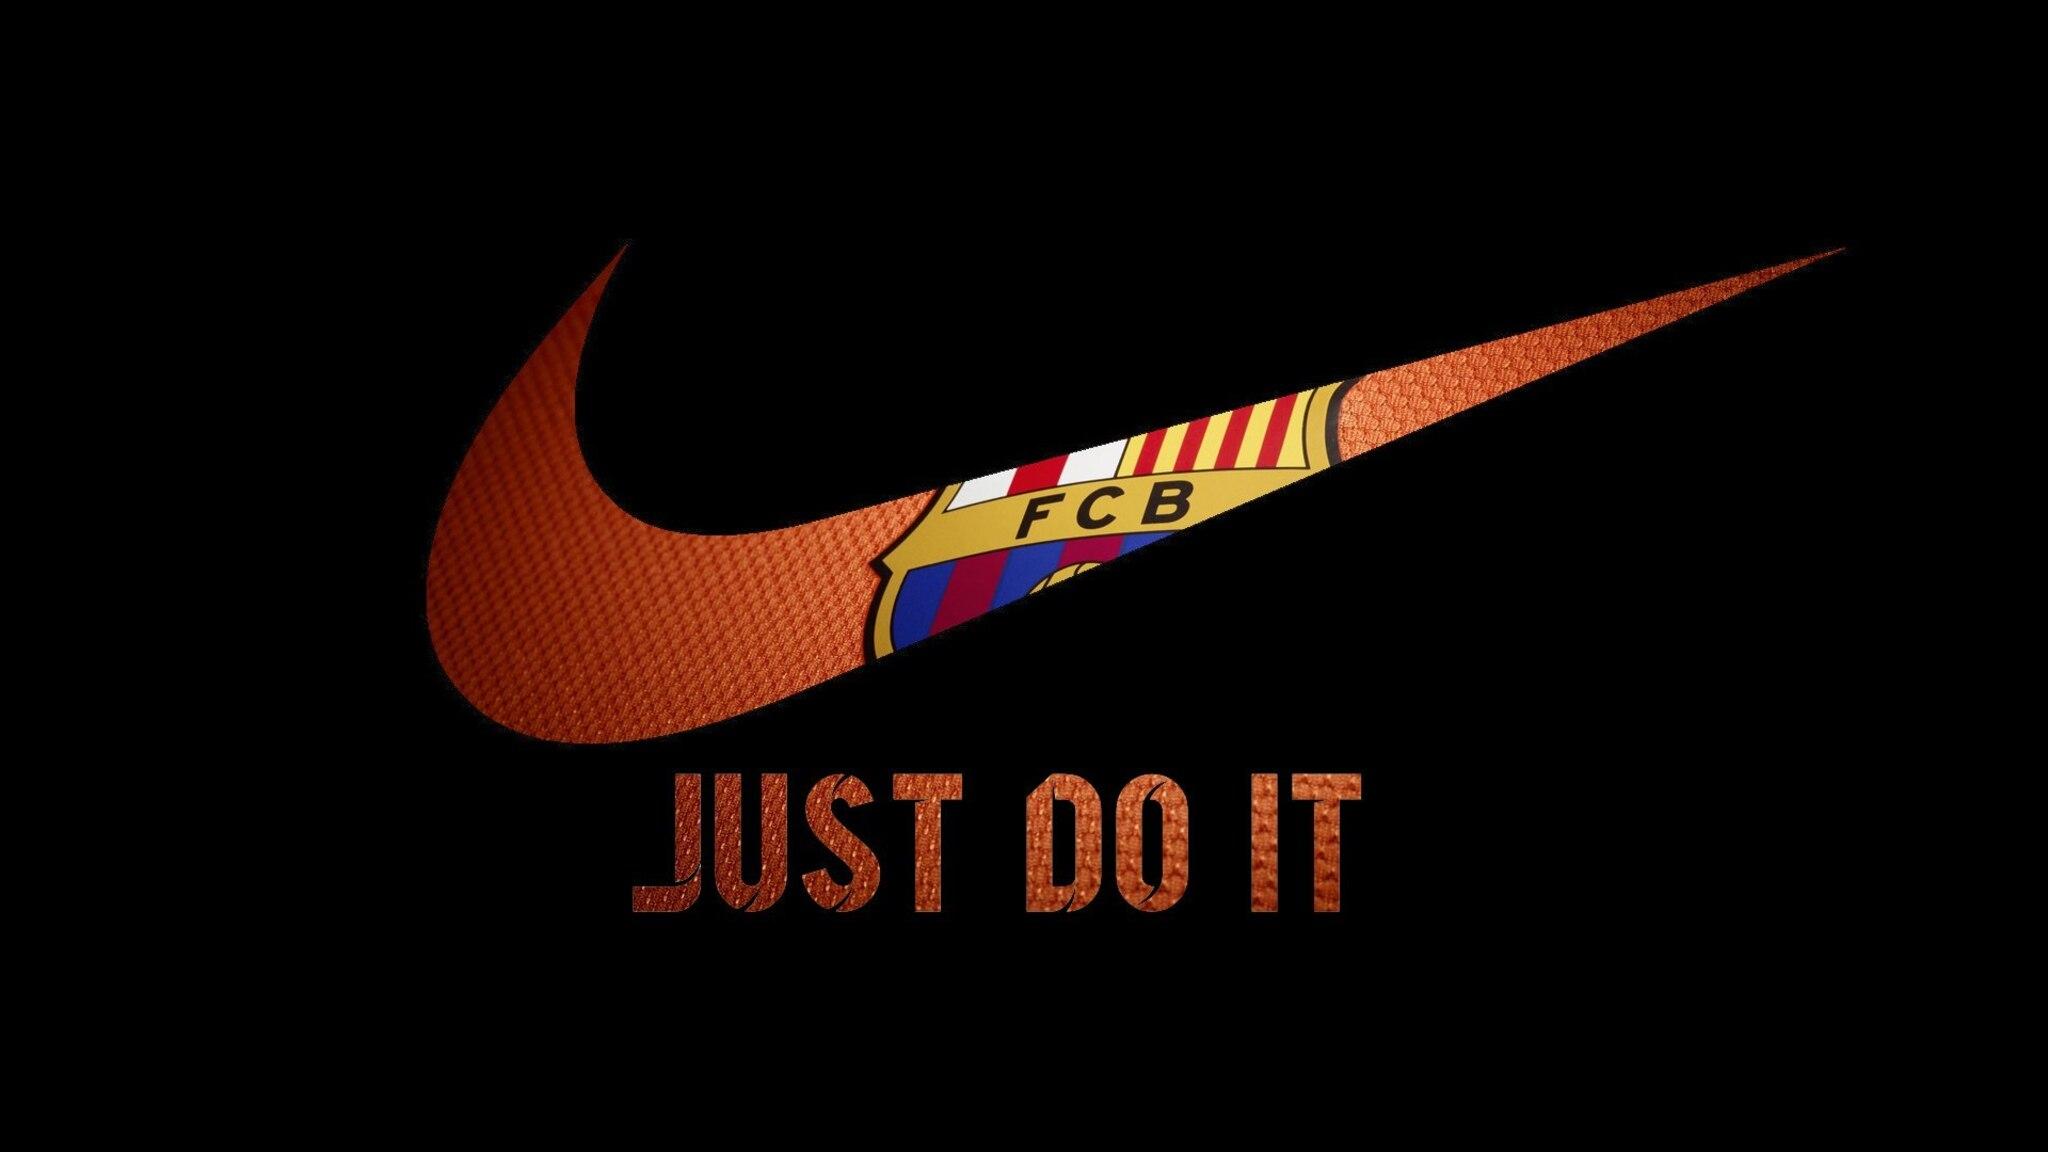 2048x1152 Nike FCB Logo 2048x1152 Resolution HD 4k ...